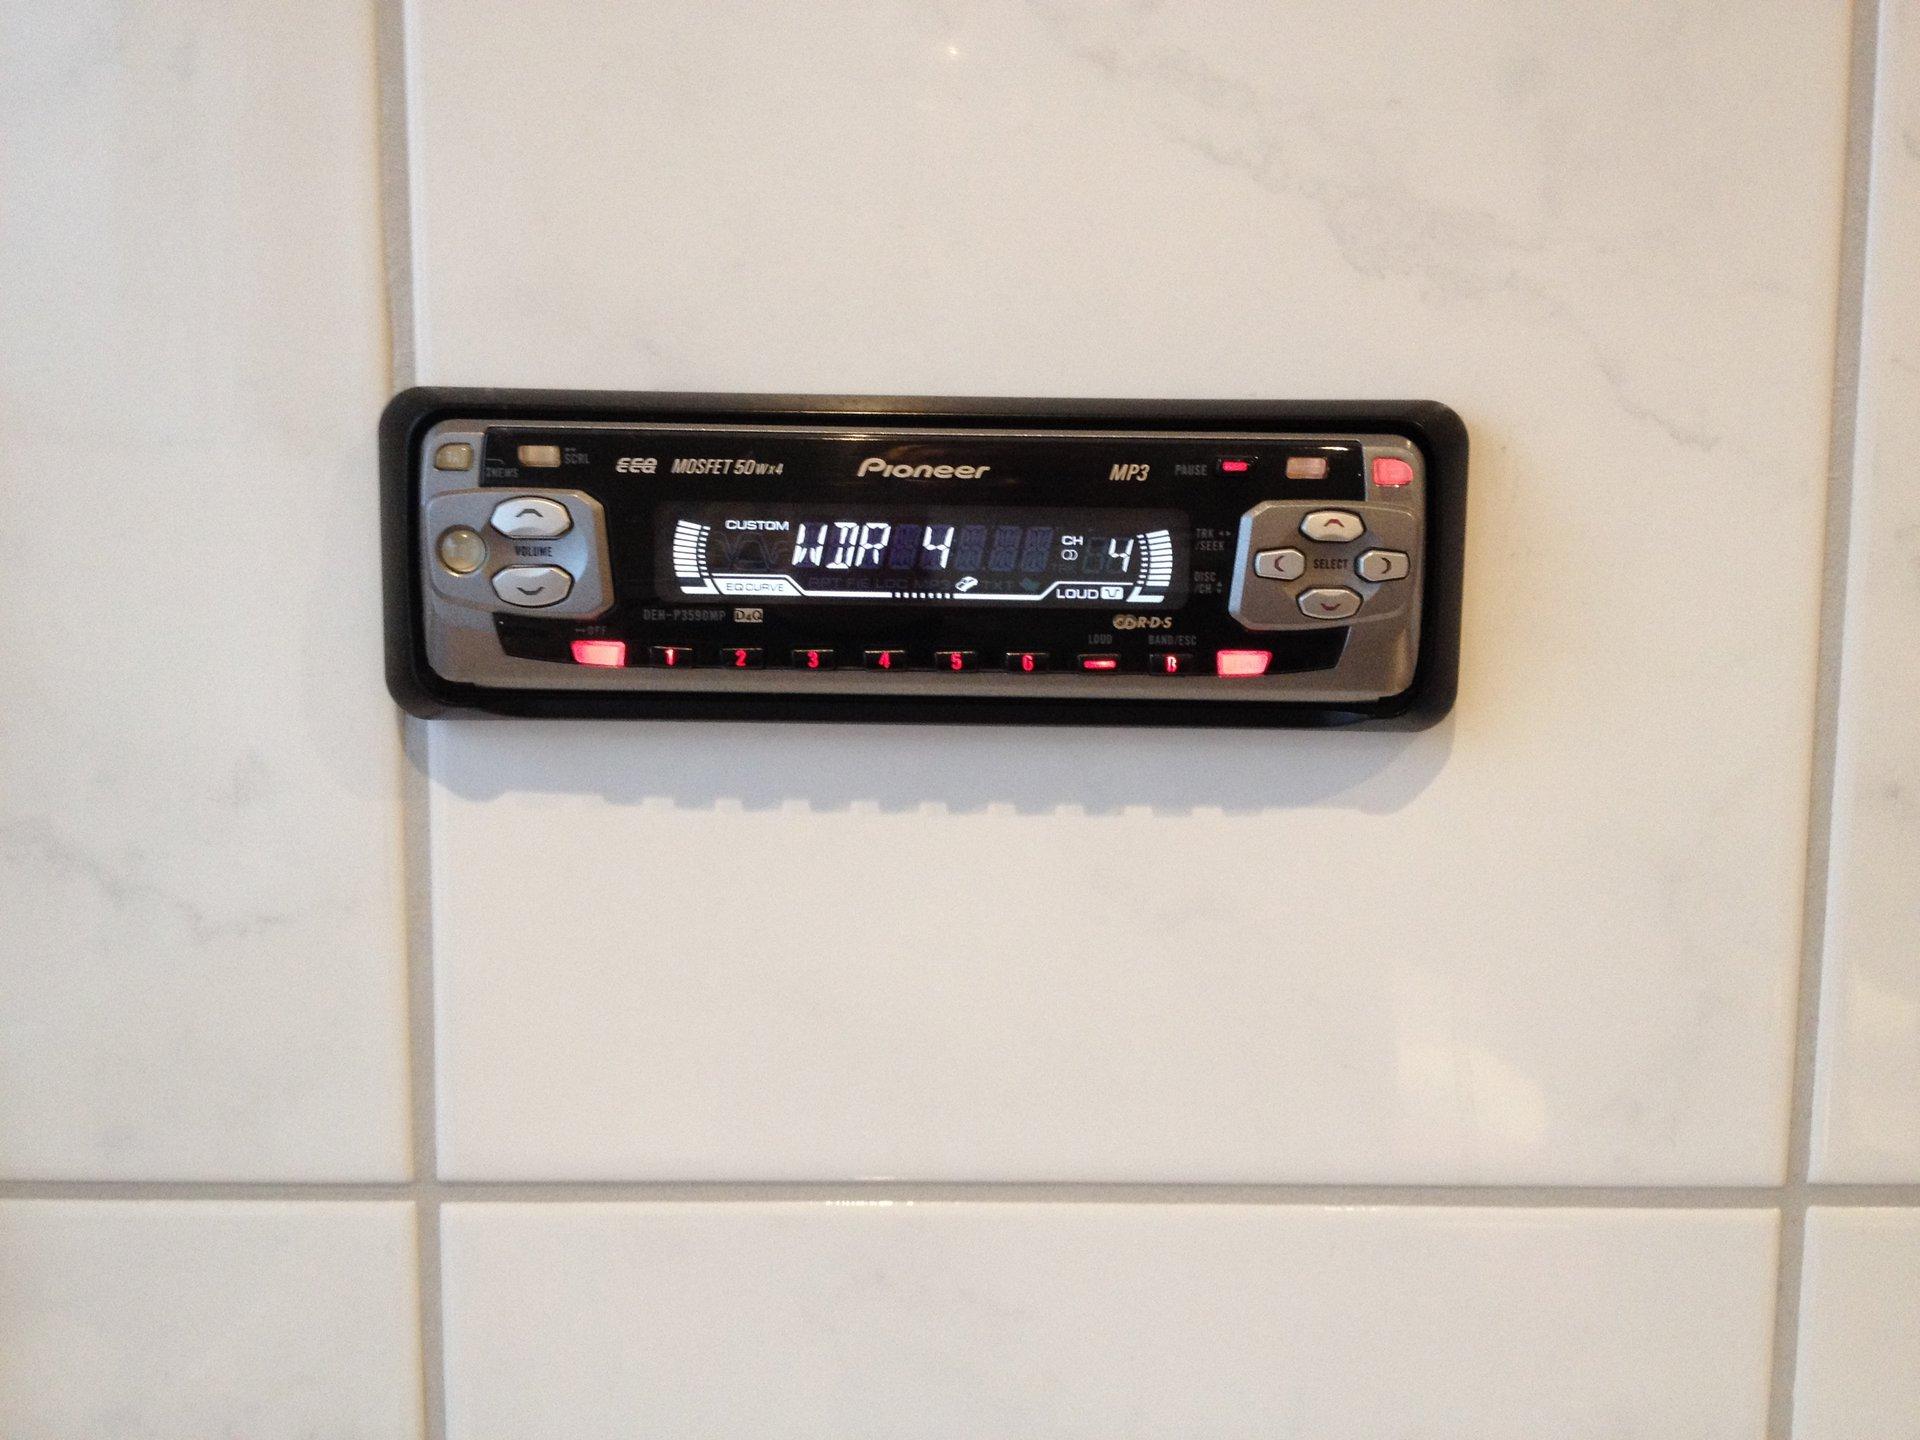 Kaufempfehlung Radio/Radiowecker